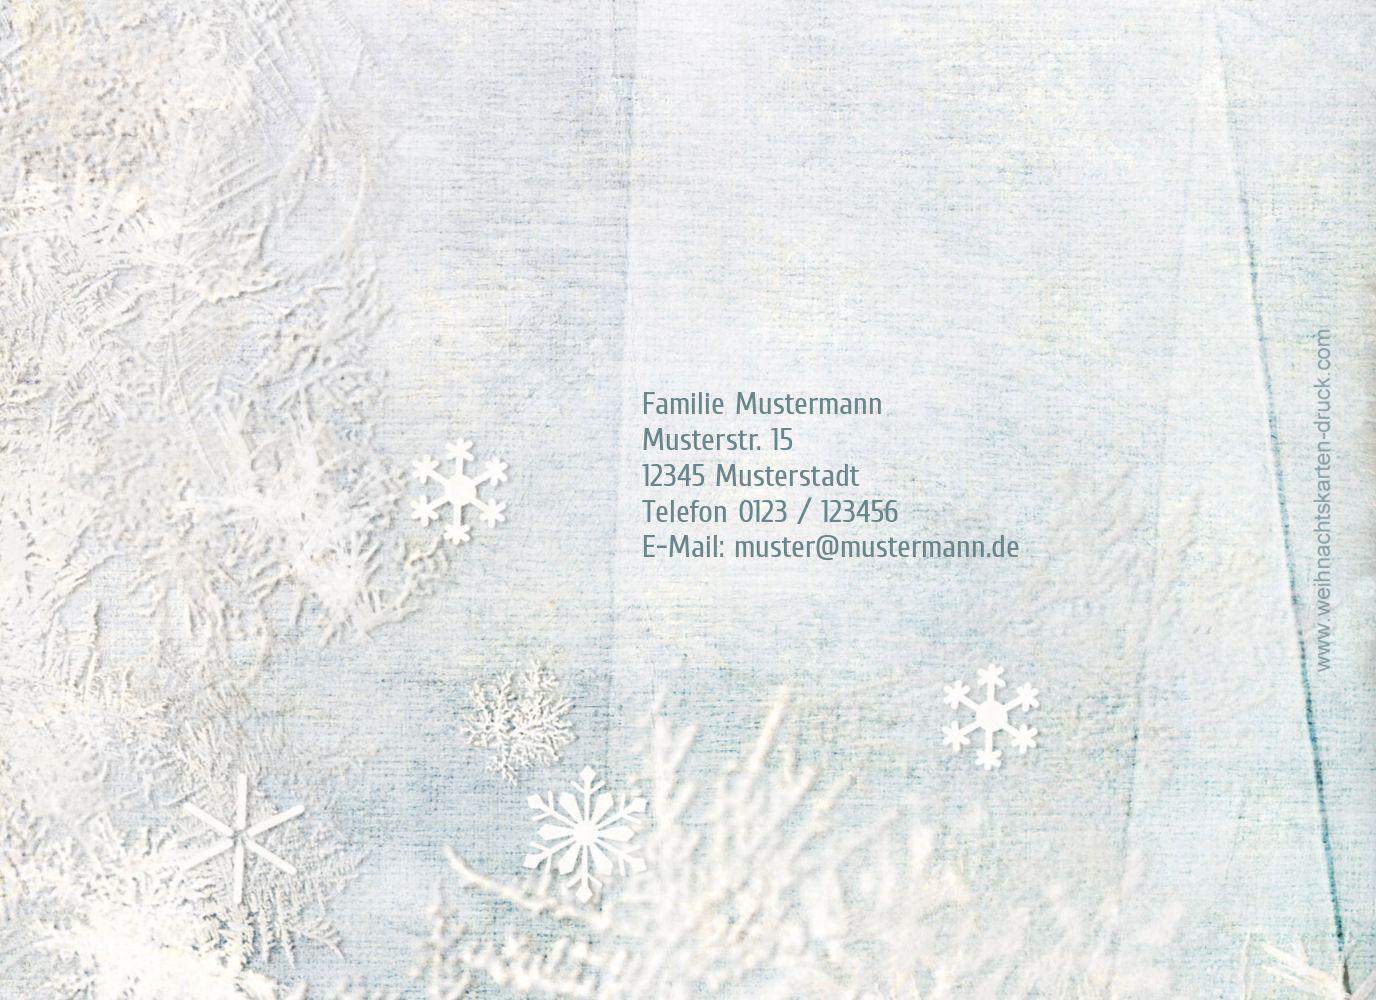 Ansicht 2 - Einladung Schneehütte